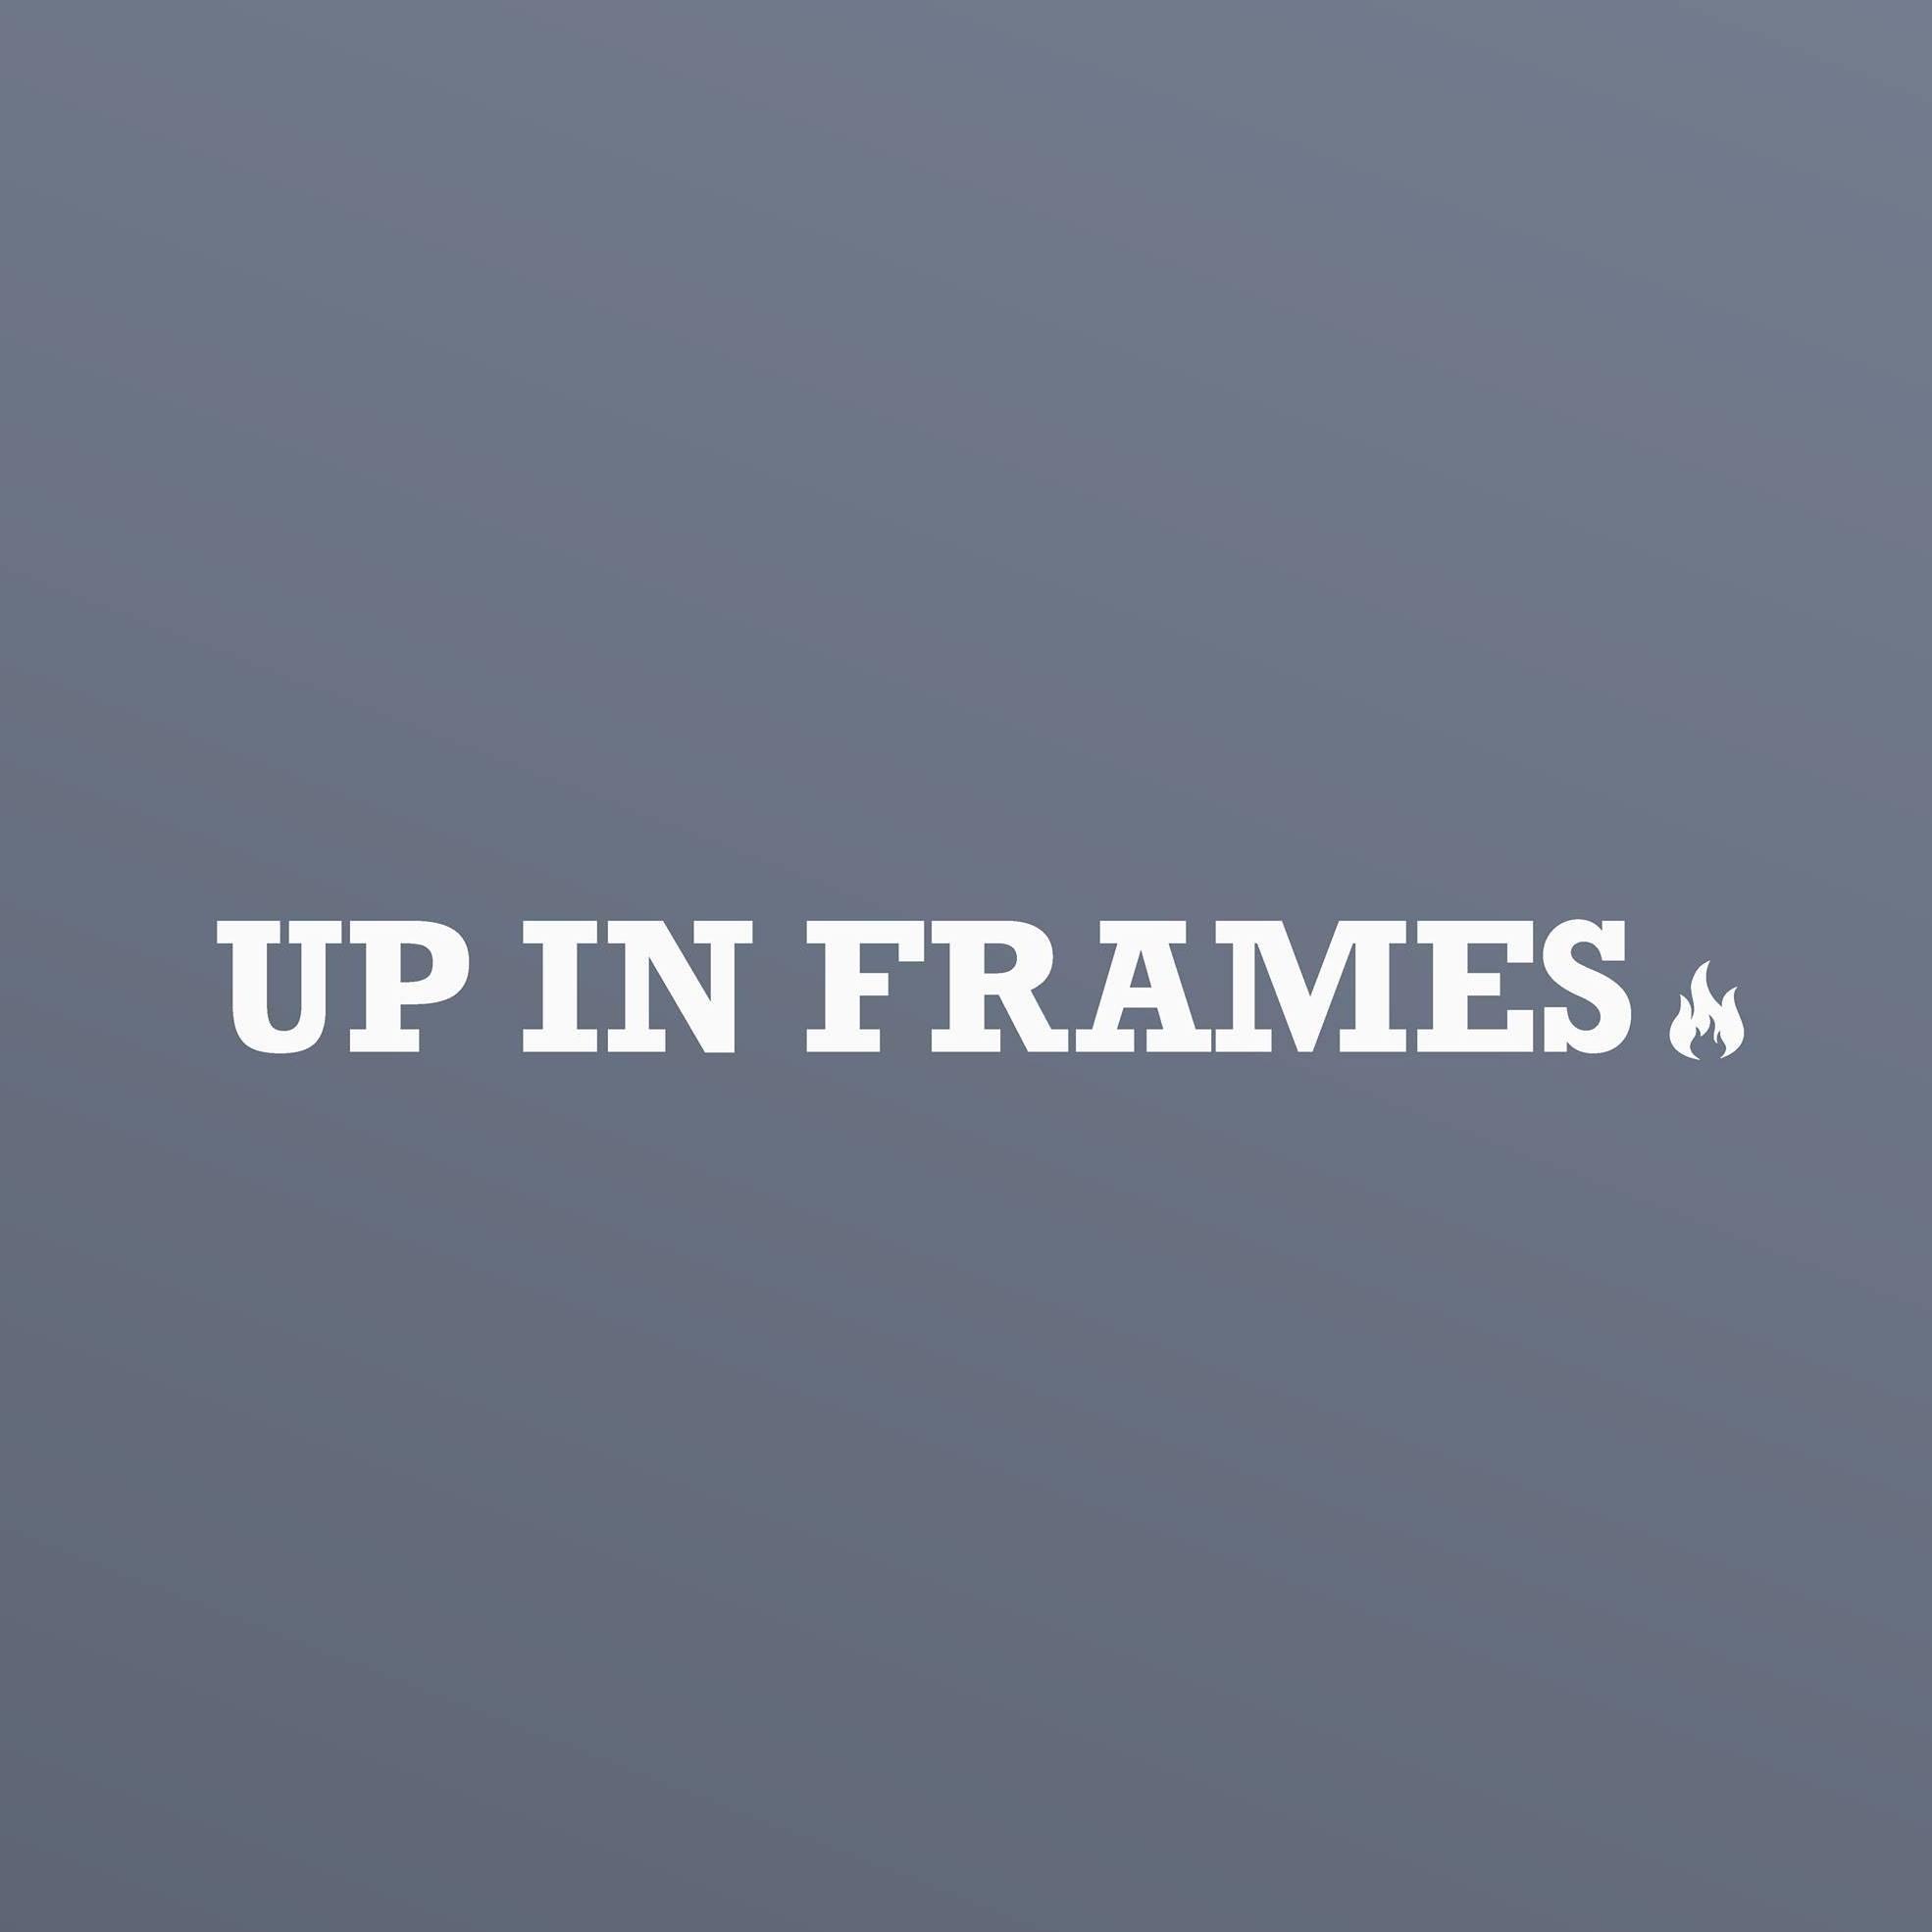 Up in Frames